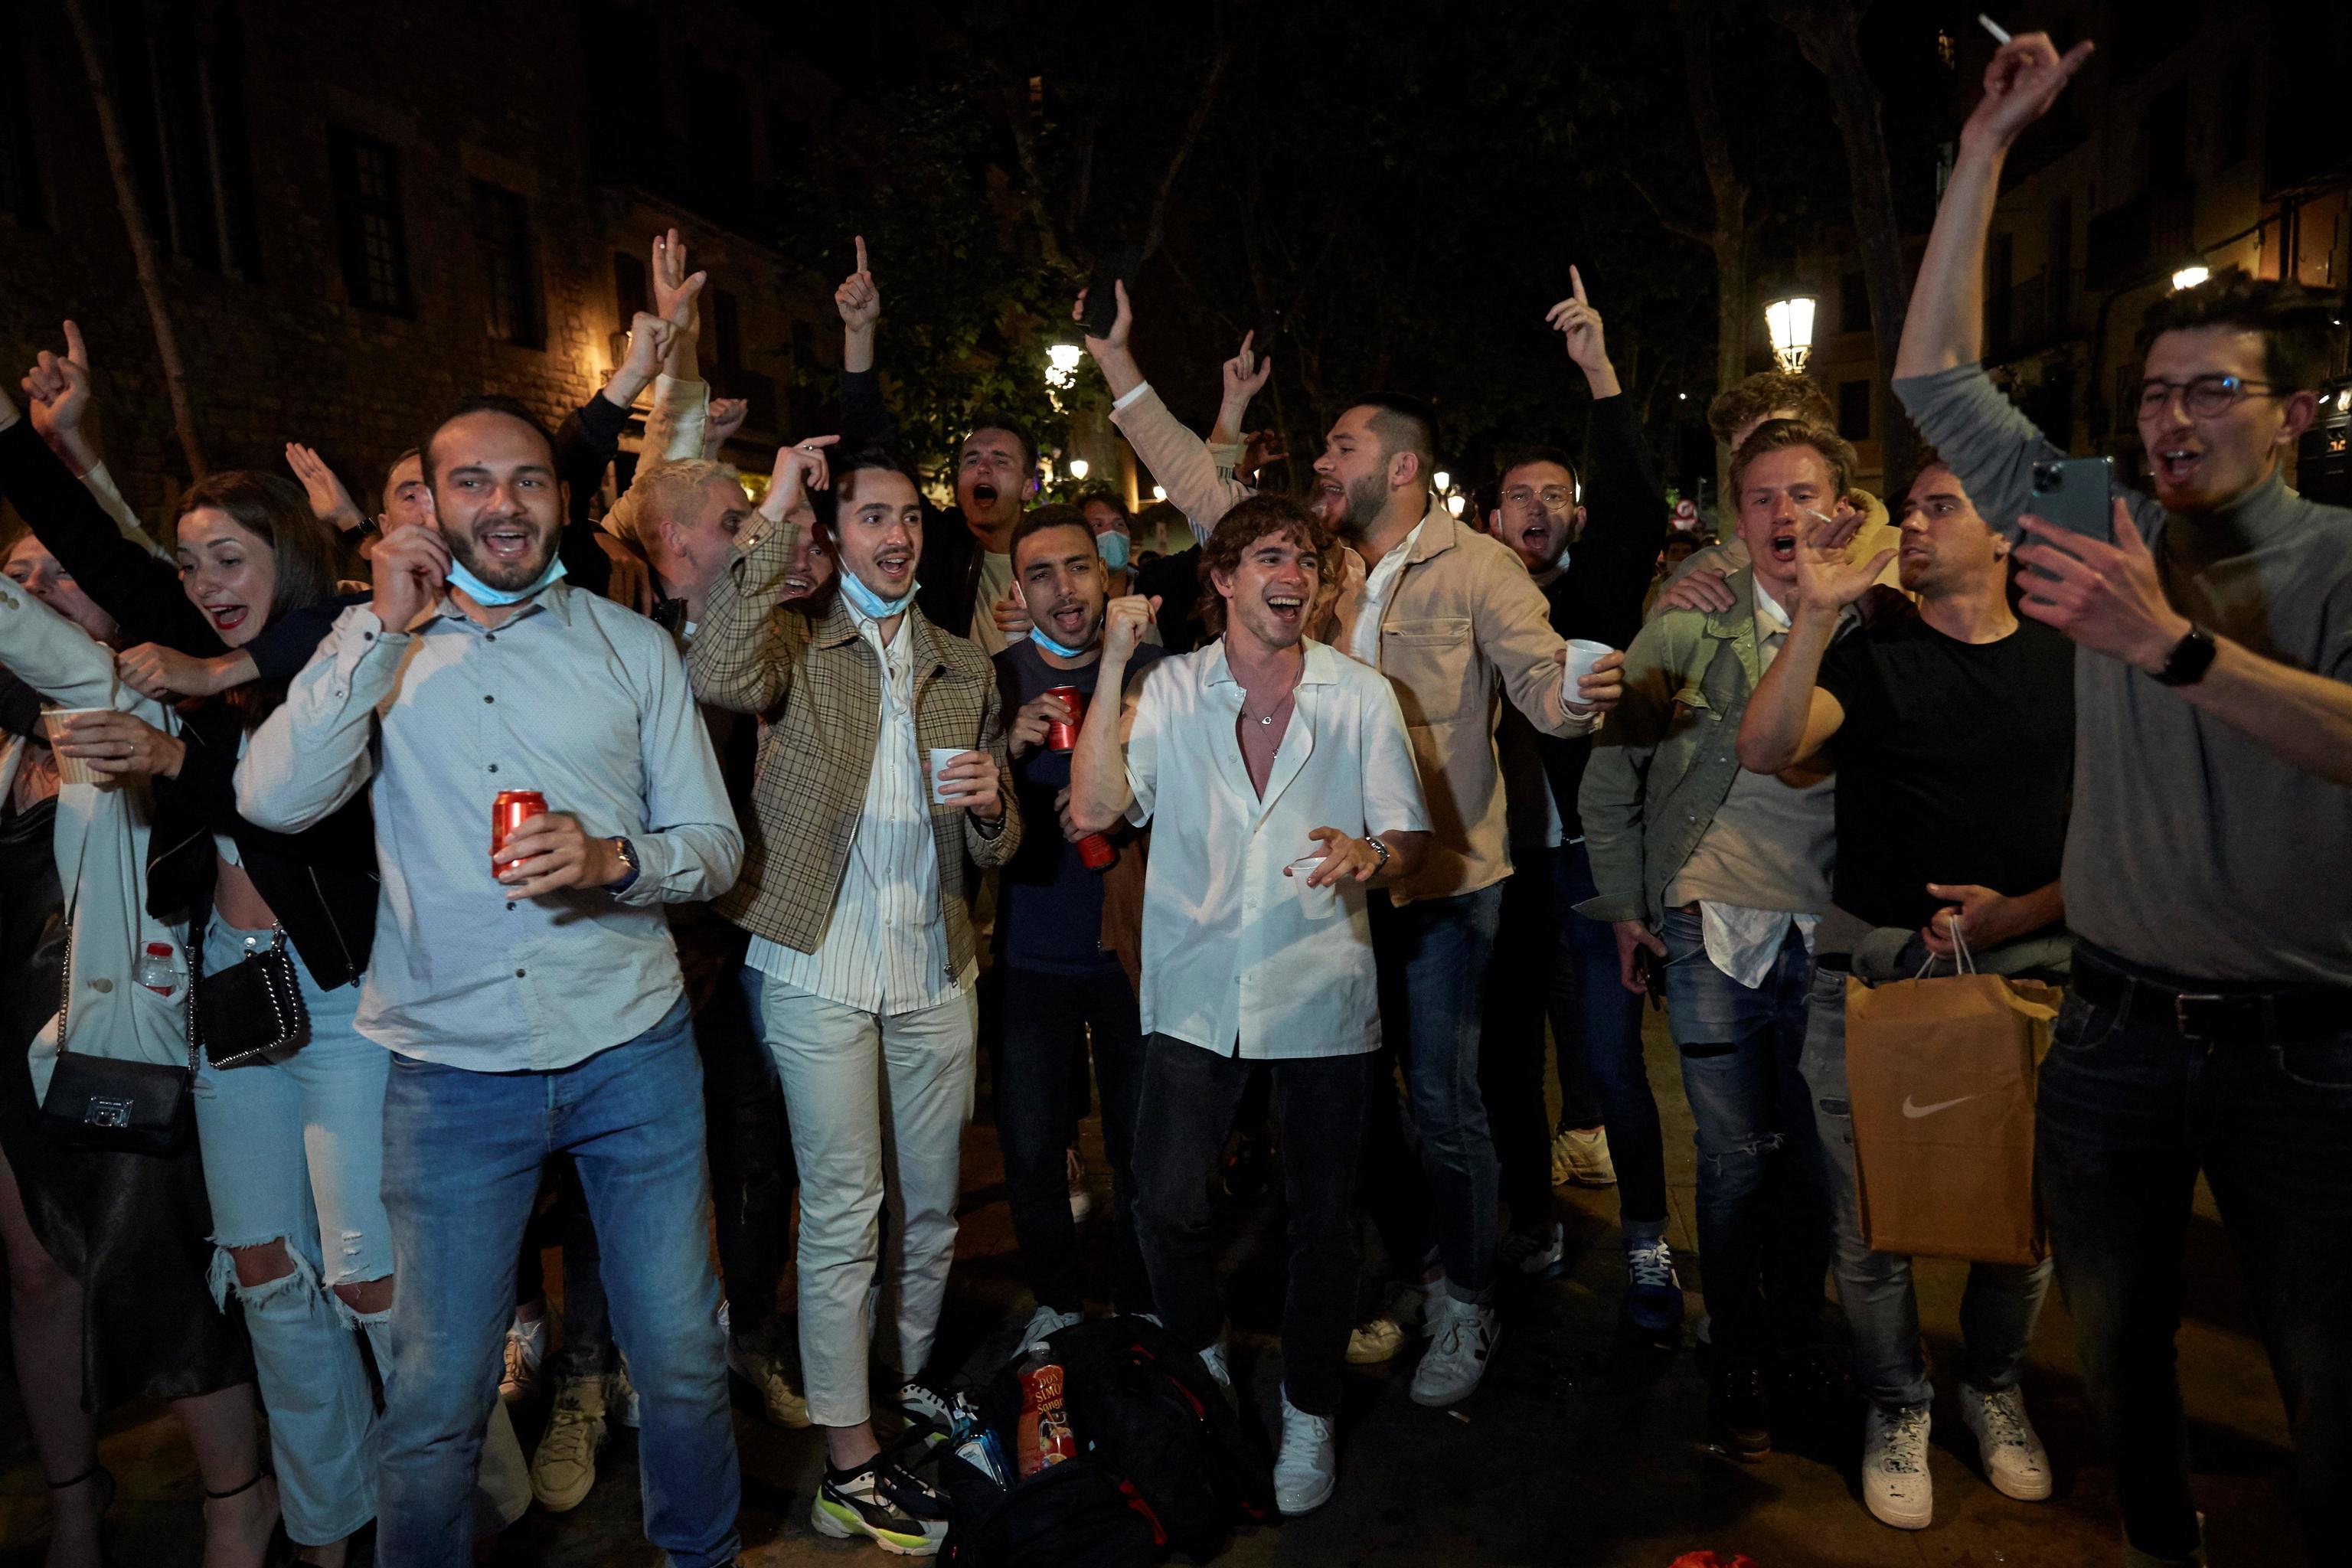 La Guardia Urbana y los Mossos d'Esquadra disuelven hace dos semanas la gran concentración de personas convocadas en el paseo del Born, en Barcelona.